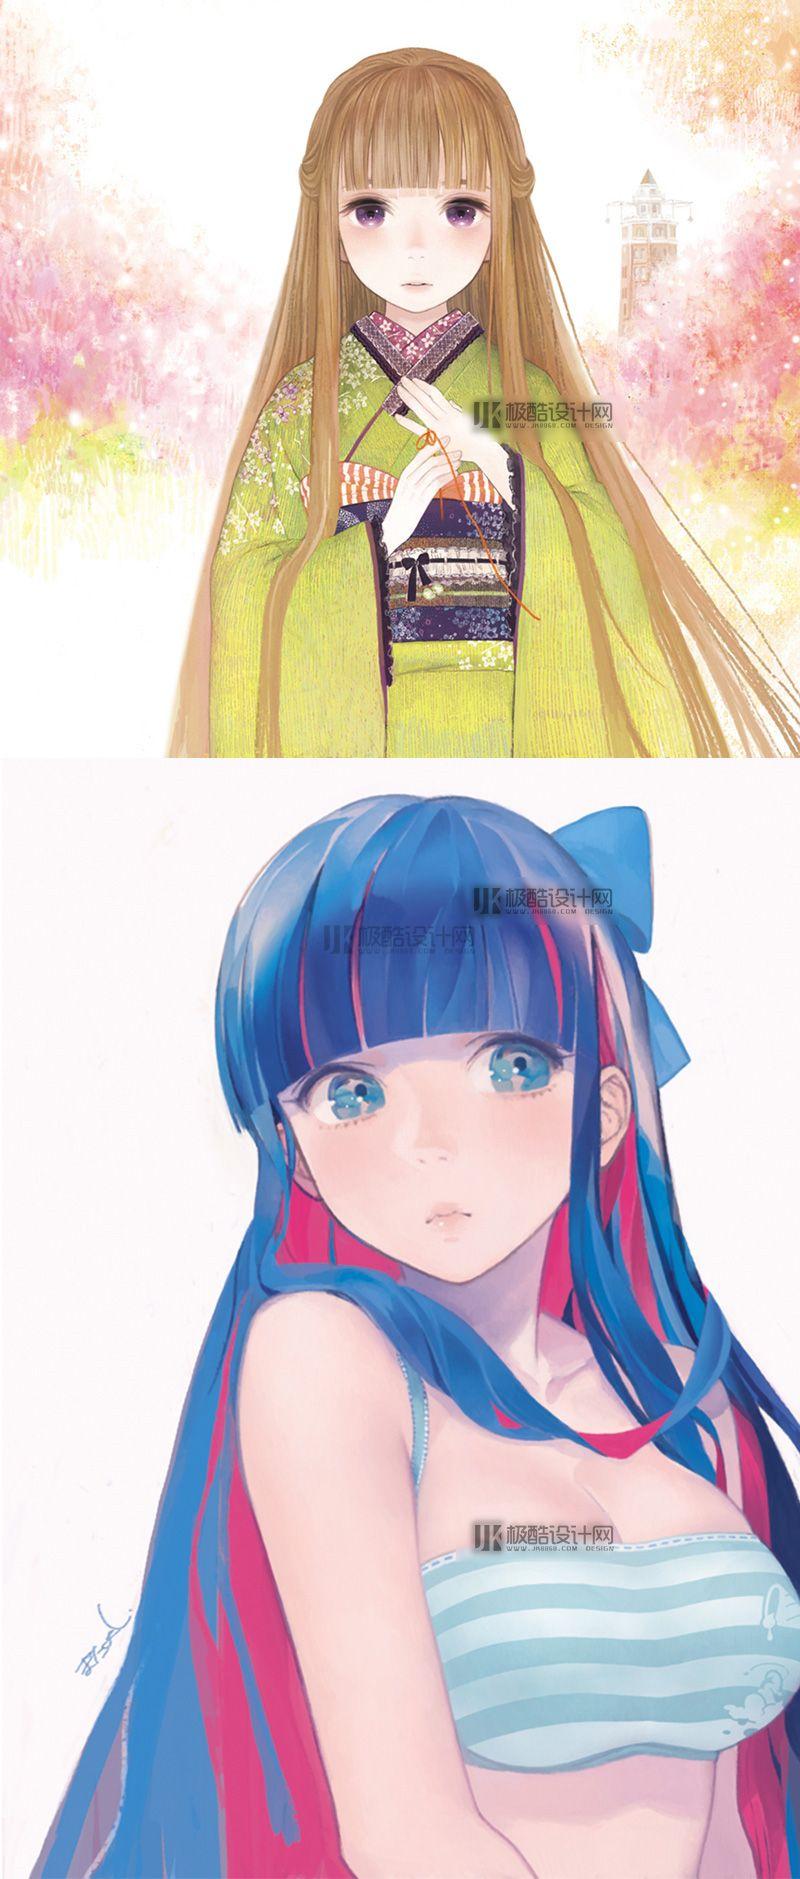 【原画漫画】日本插画师またよし插画插图视频教程(含P站作品集 )